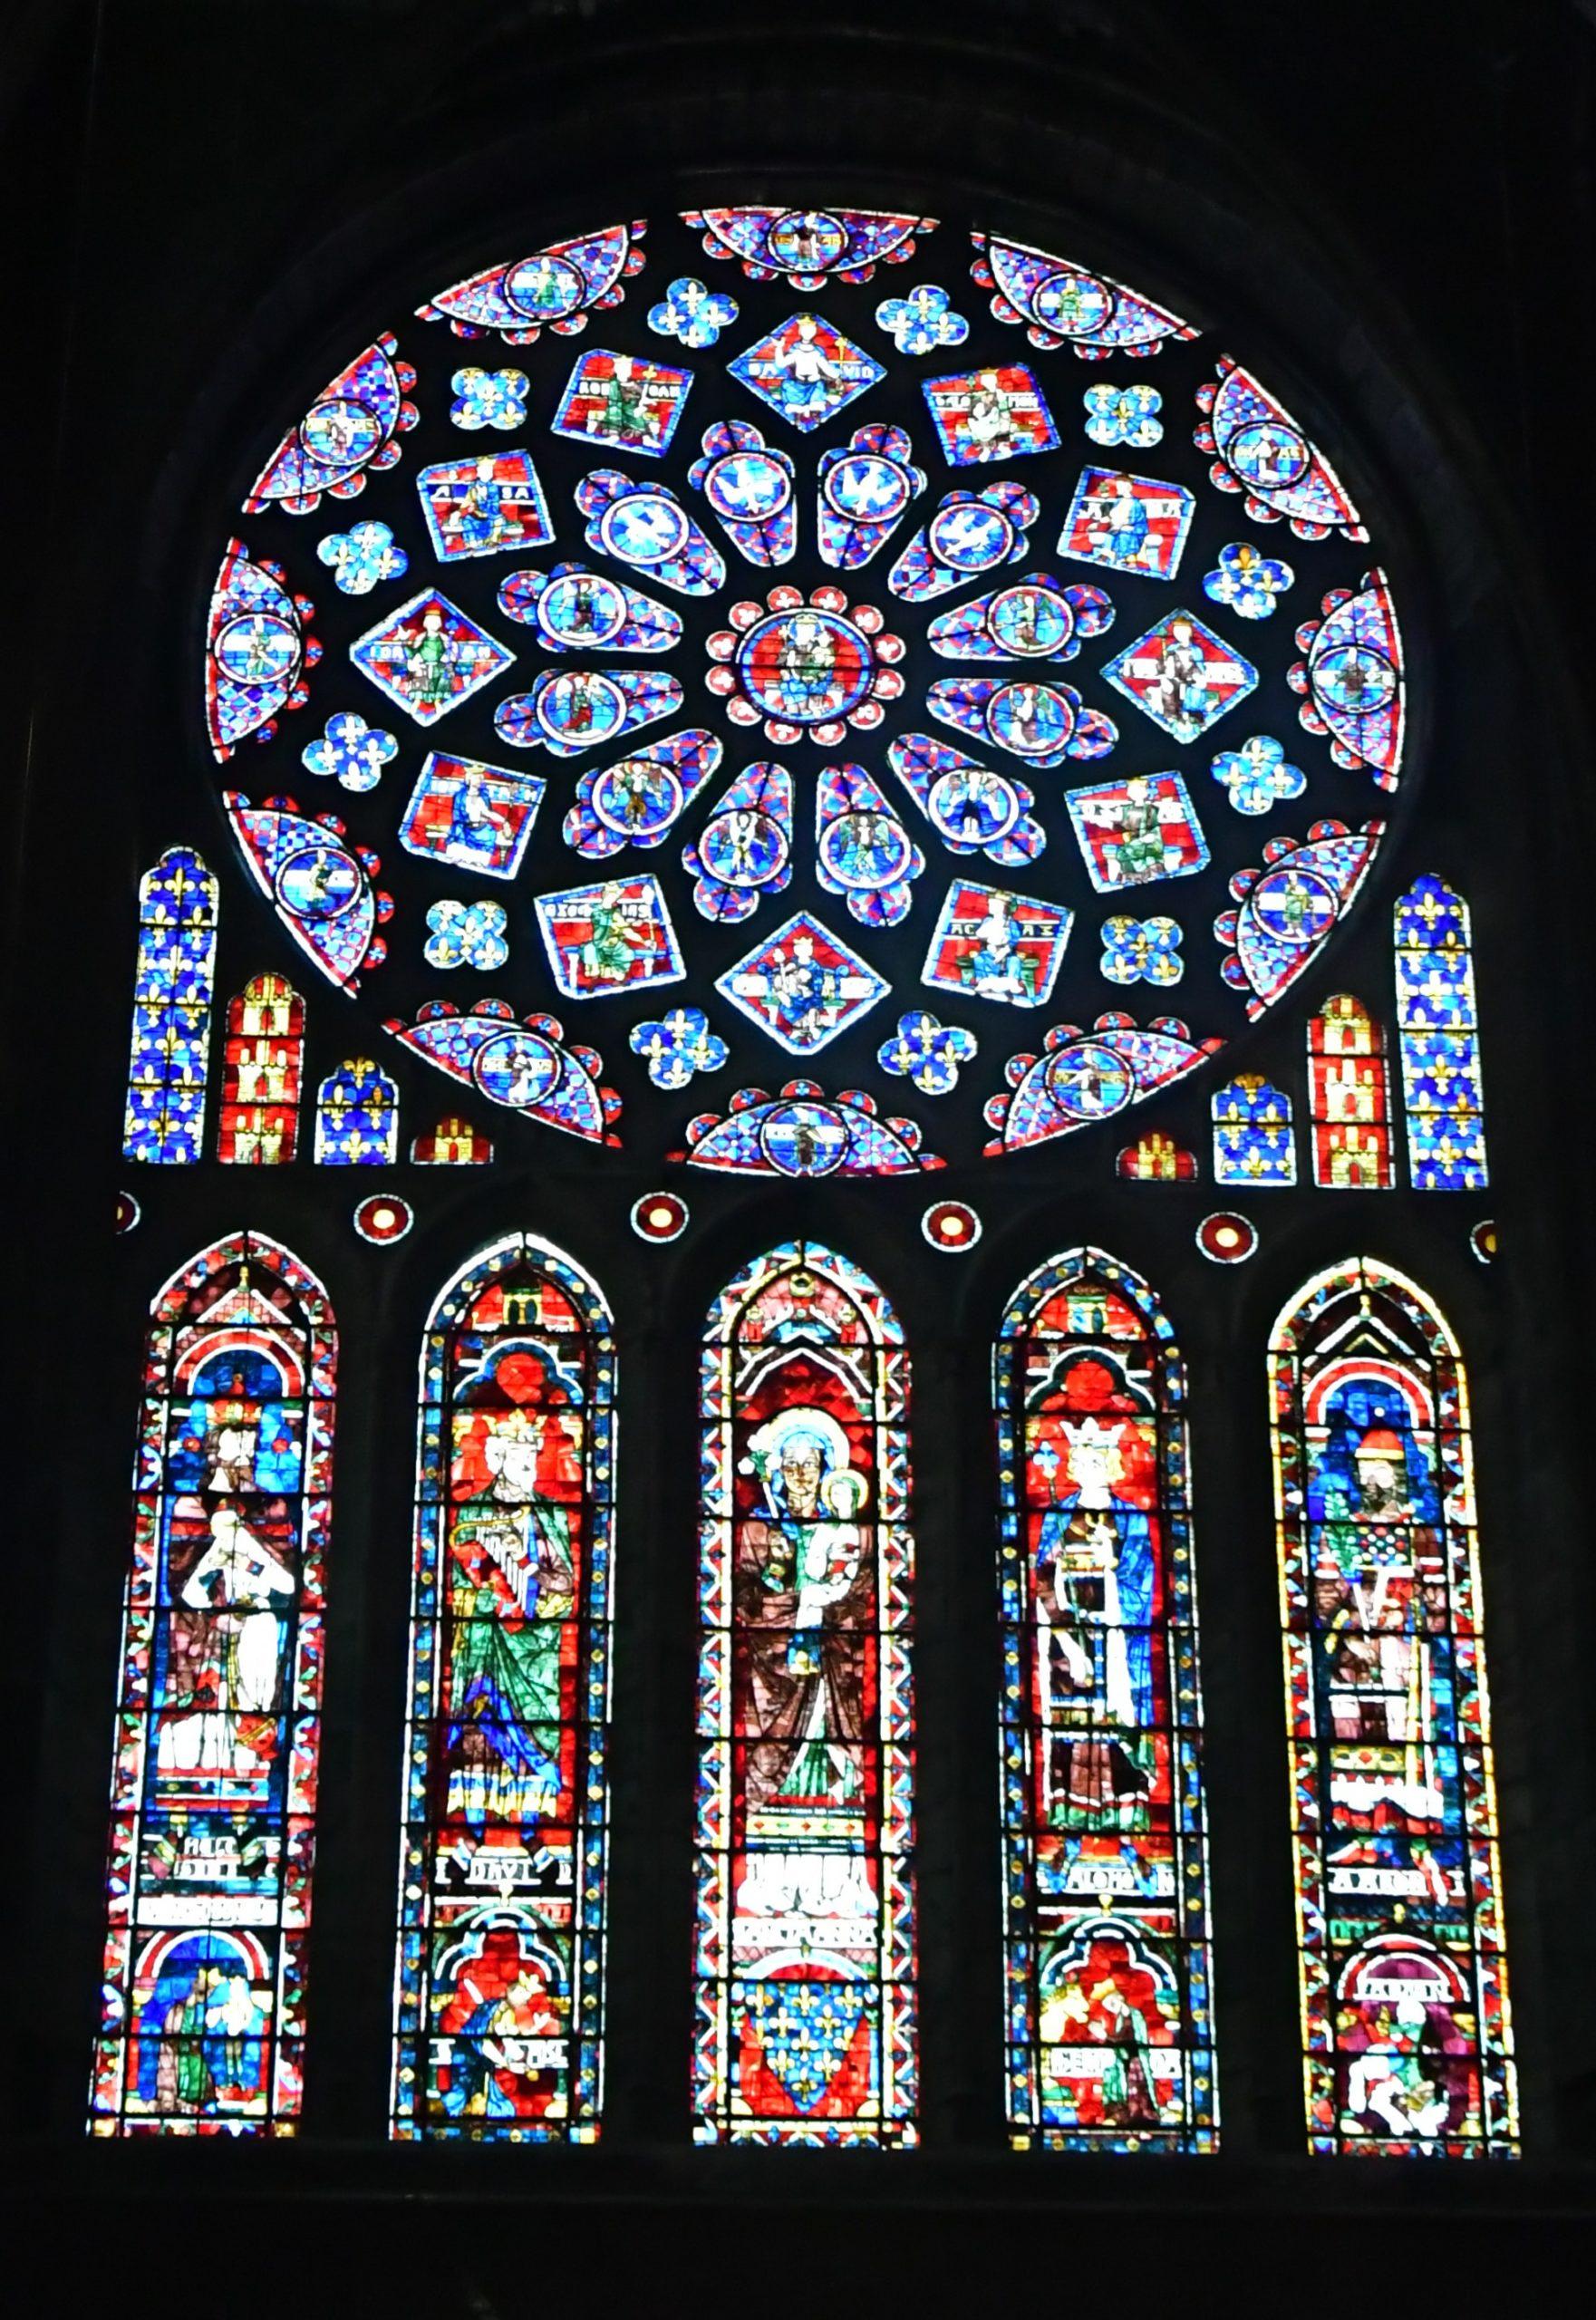 Rosassa i vitralls del transsepte nord de la Catedral de Chartres